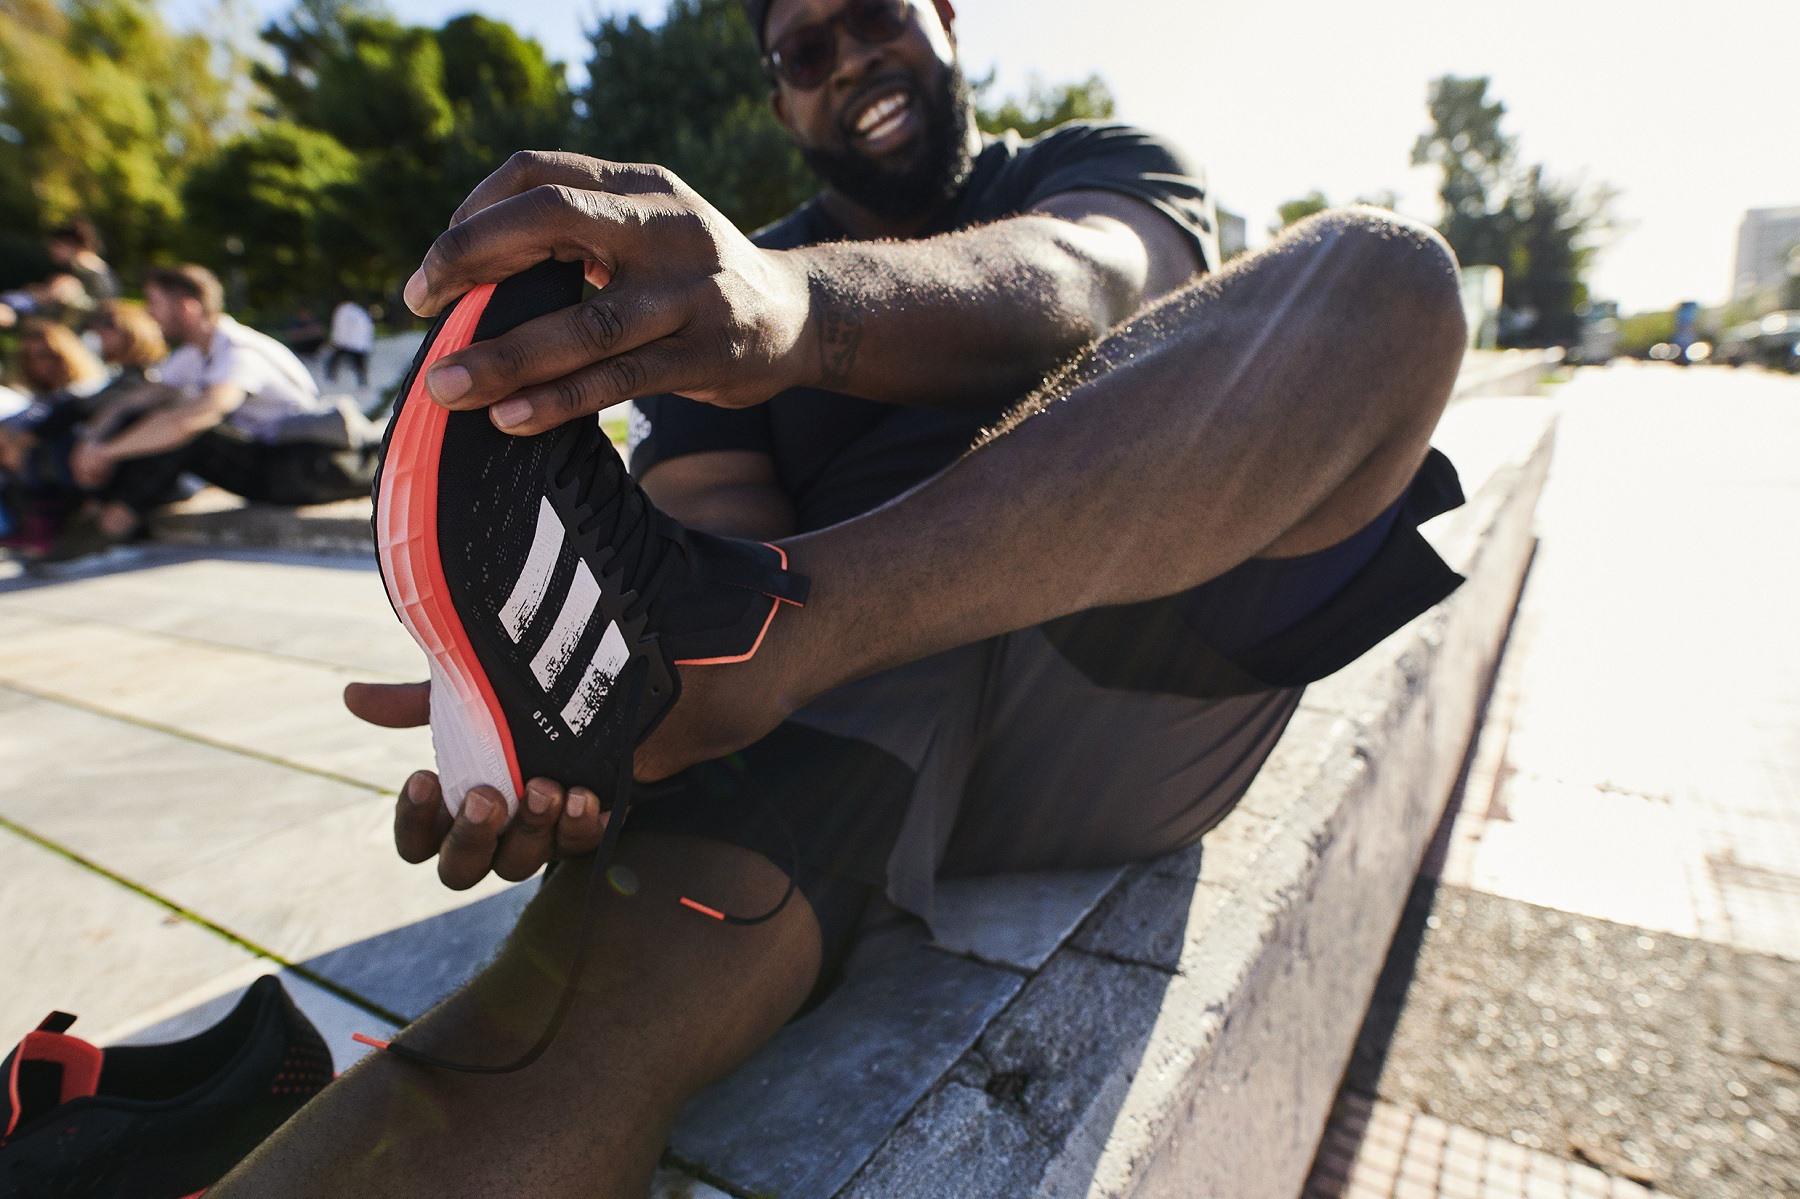 การวิ่งที่ถูกต้องจะให้ประโยชน์อะไรกับนักวิ่งบ้าง